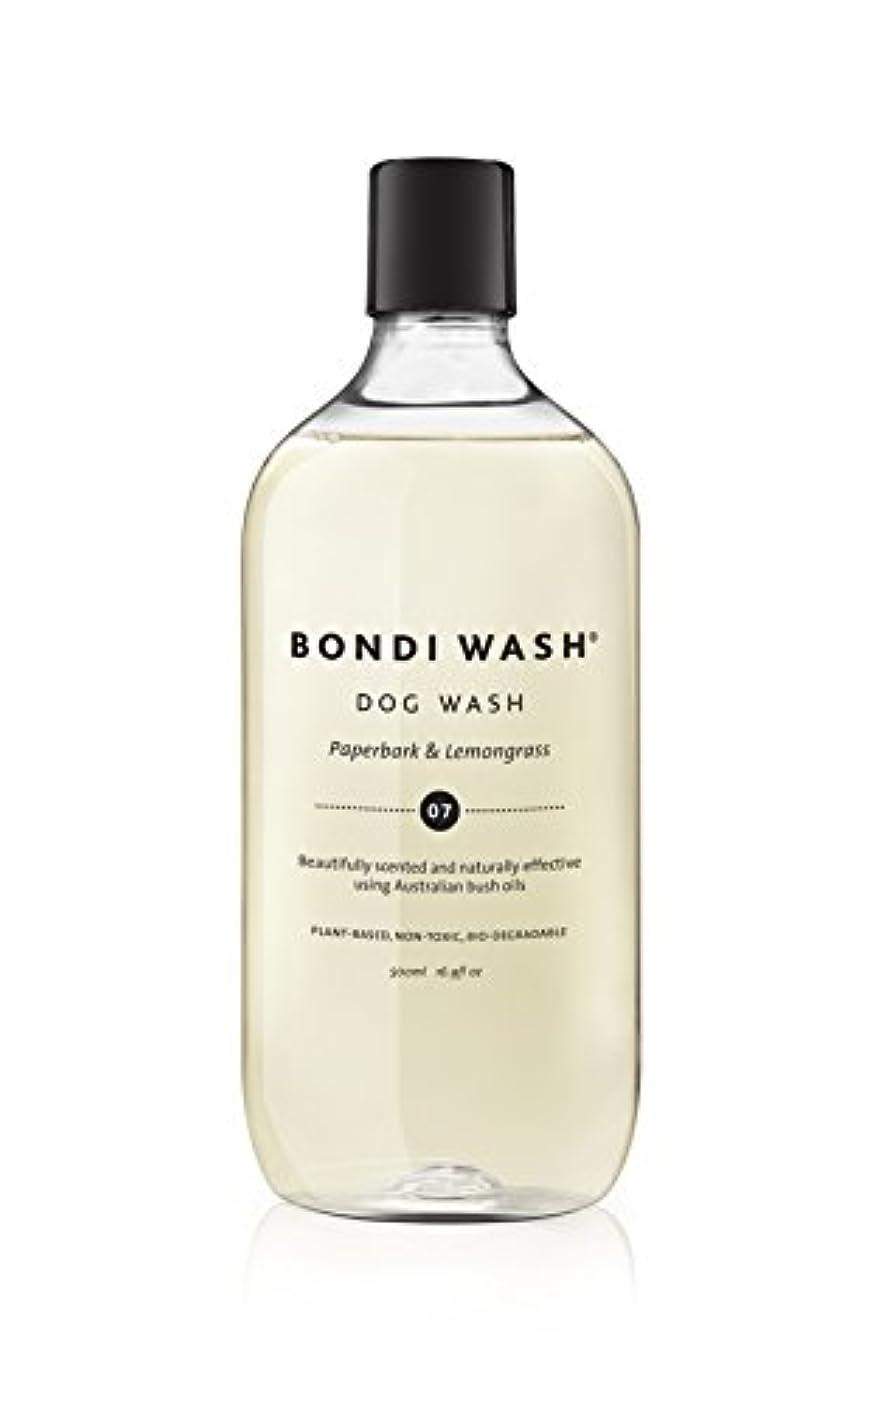 定刻話をする帳面BONDI WASH ドッグウォッシュ ペイパーバーク&レモングラス 500ml